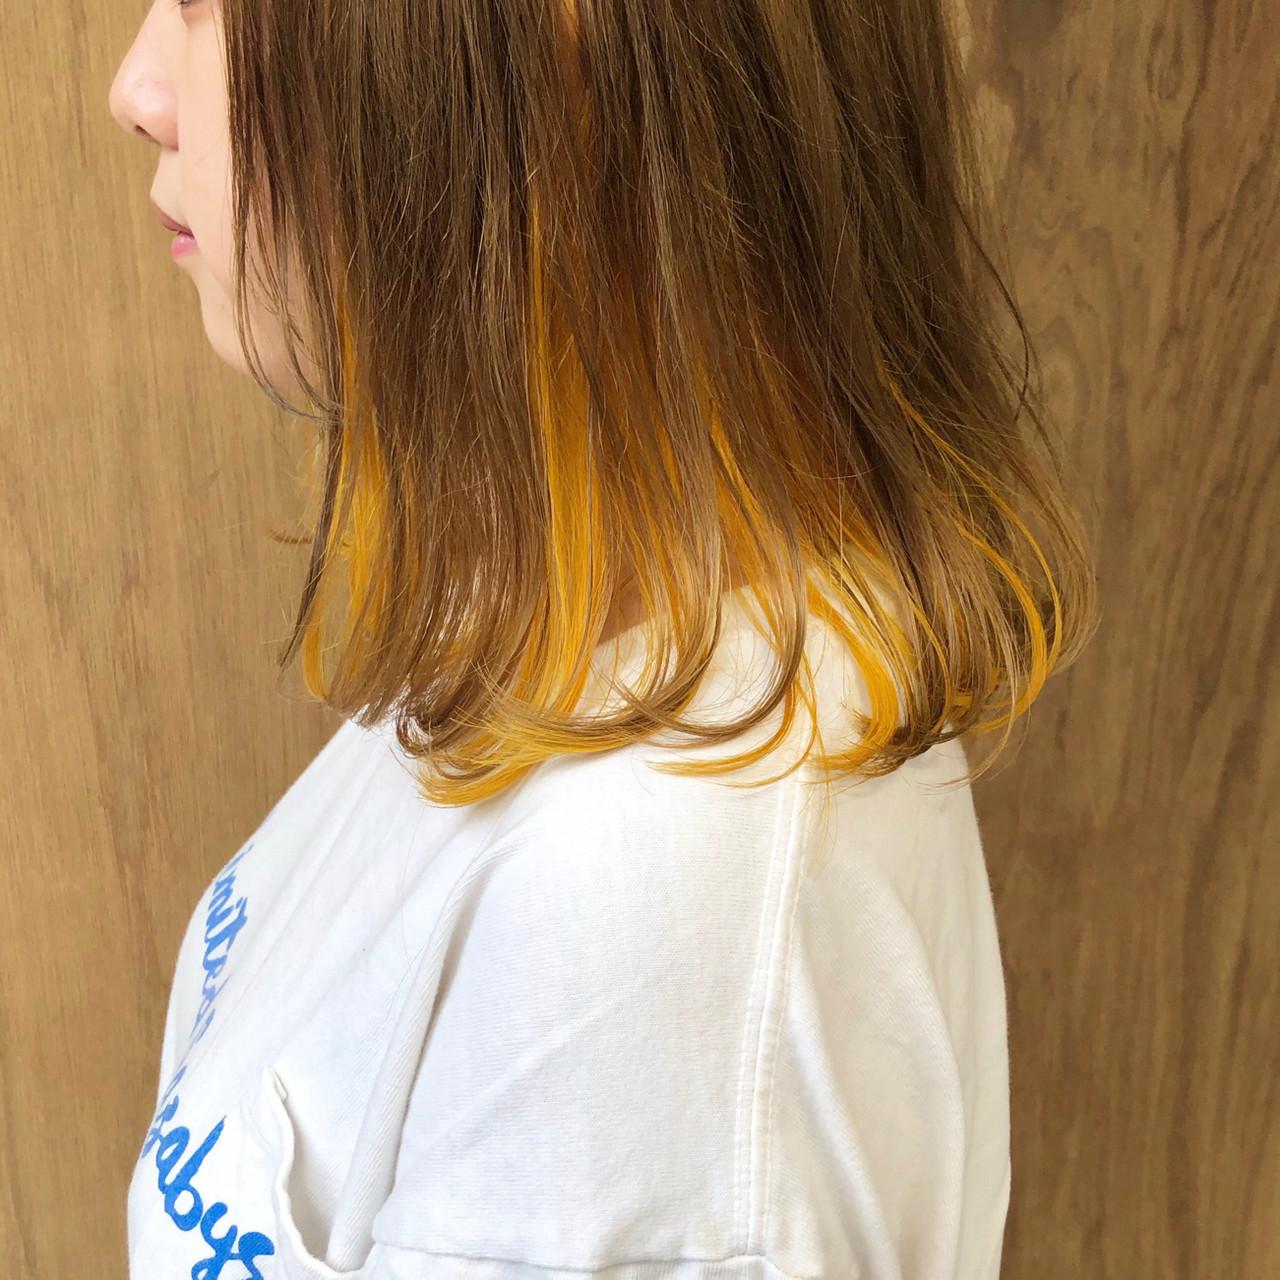 ボブ インナーカラー ガーリー 外ハネボブ ヘアスタイルや髪型の写真・画像 | 松井勇樹 / TWiGGY  歩行町店